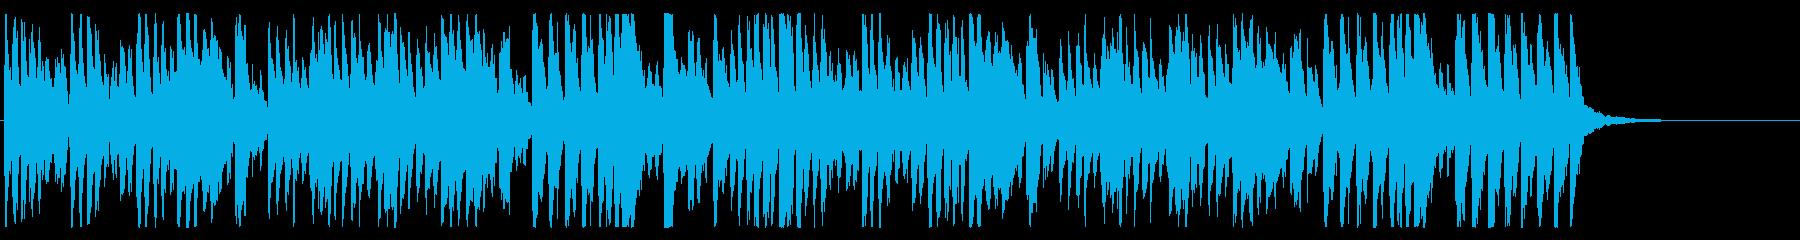 カートゥーンっぽいのんの再生済みの波形